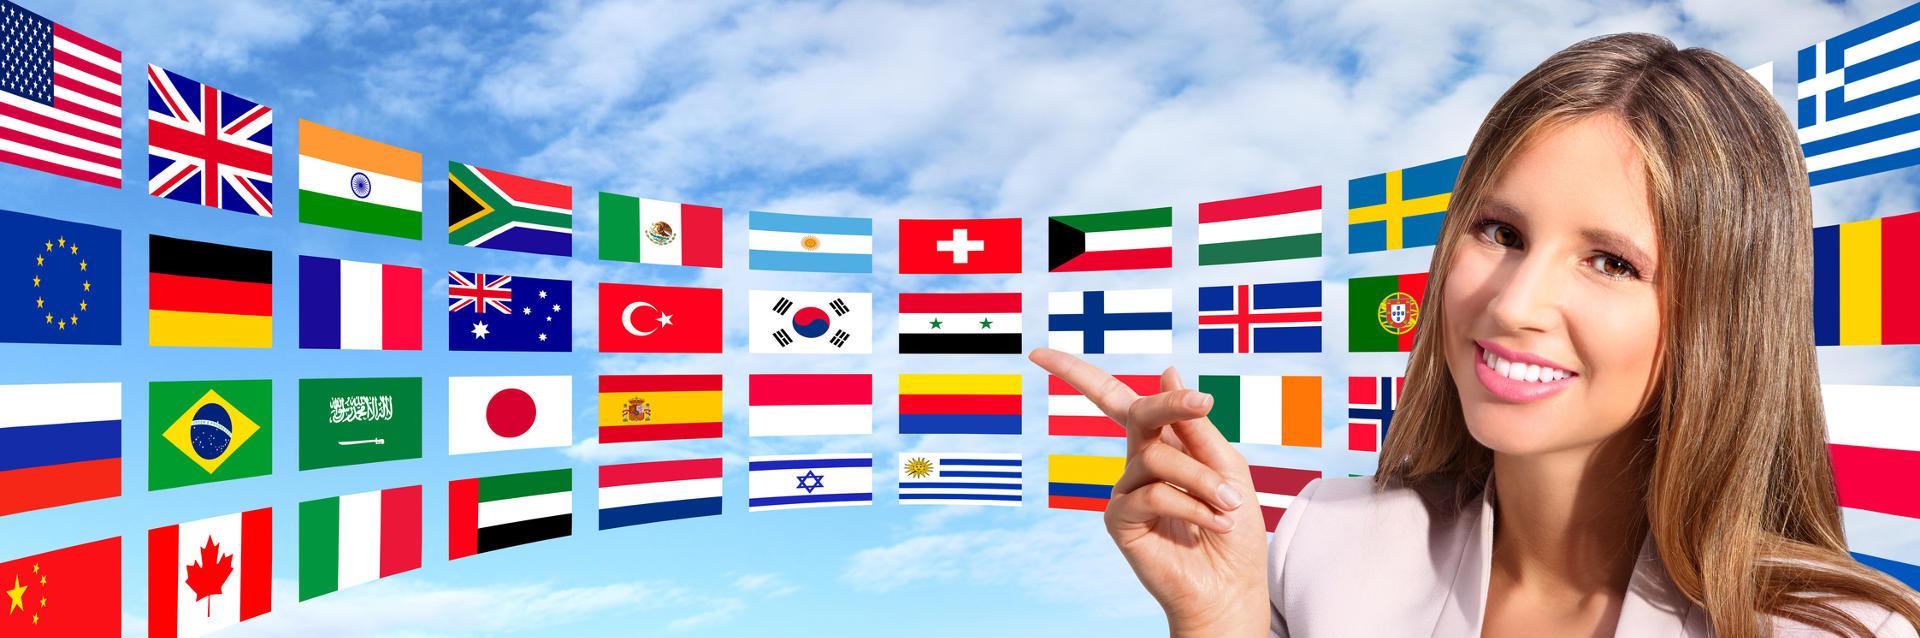 Viele verschiedene Flaggen